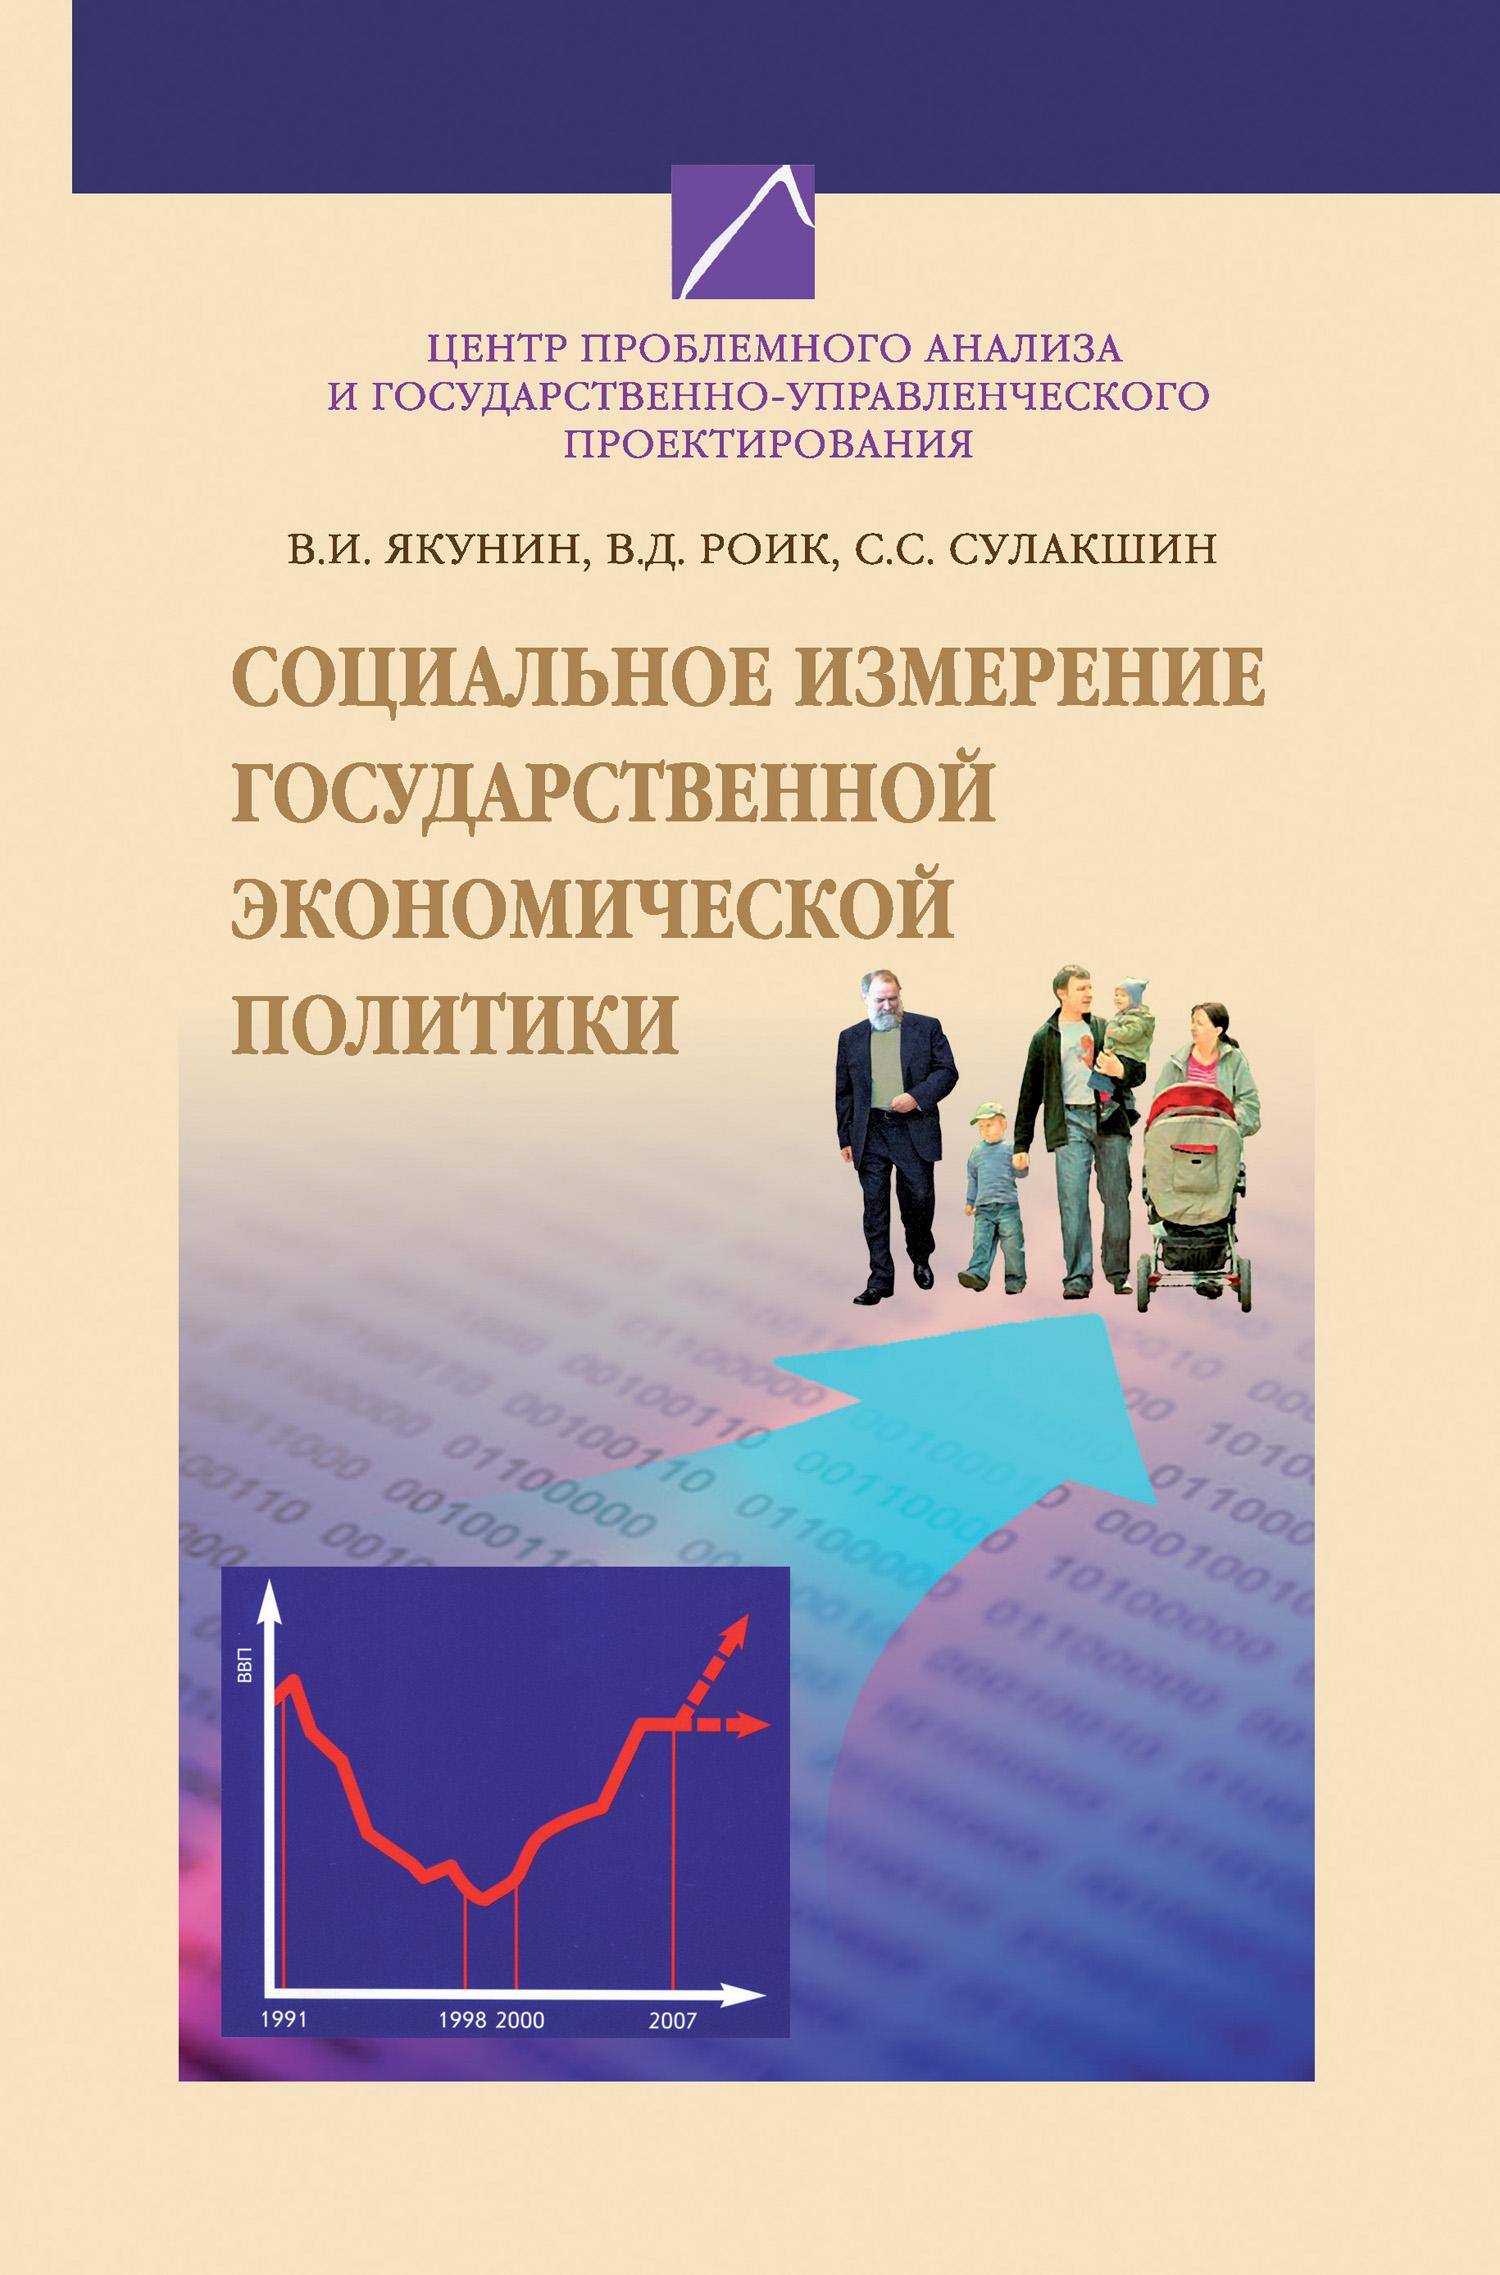 Социальное измерение государственной экономической политики